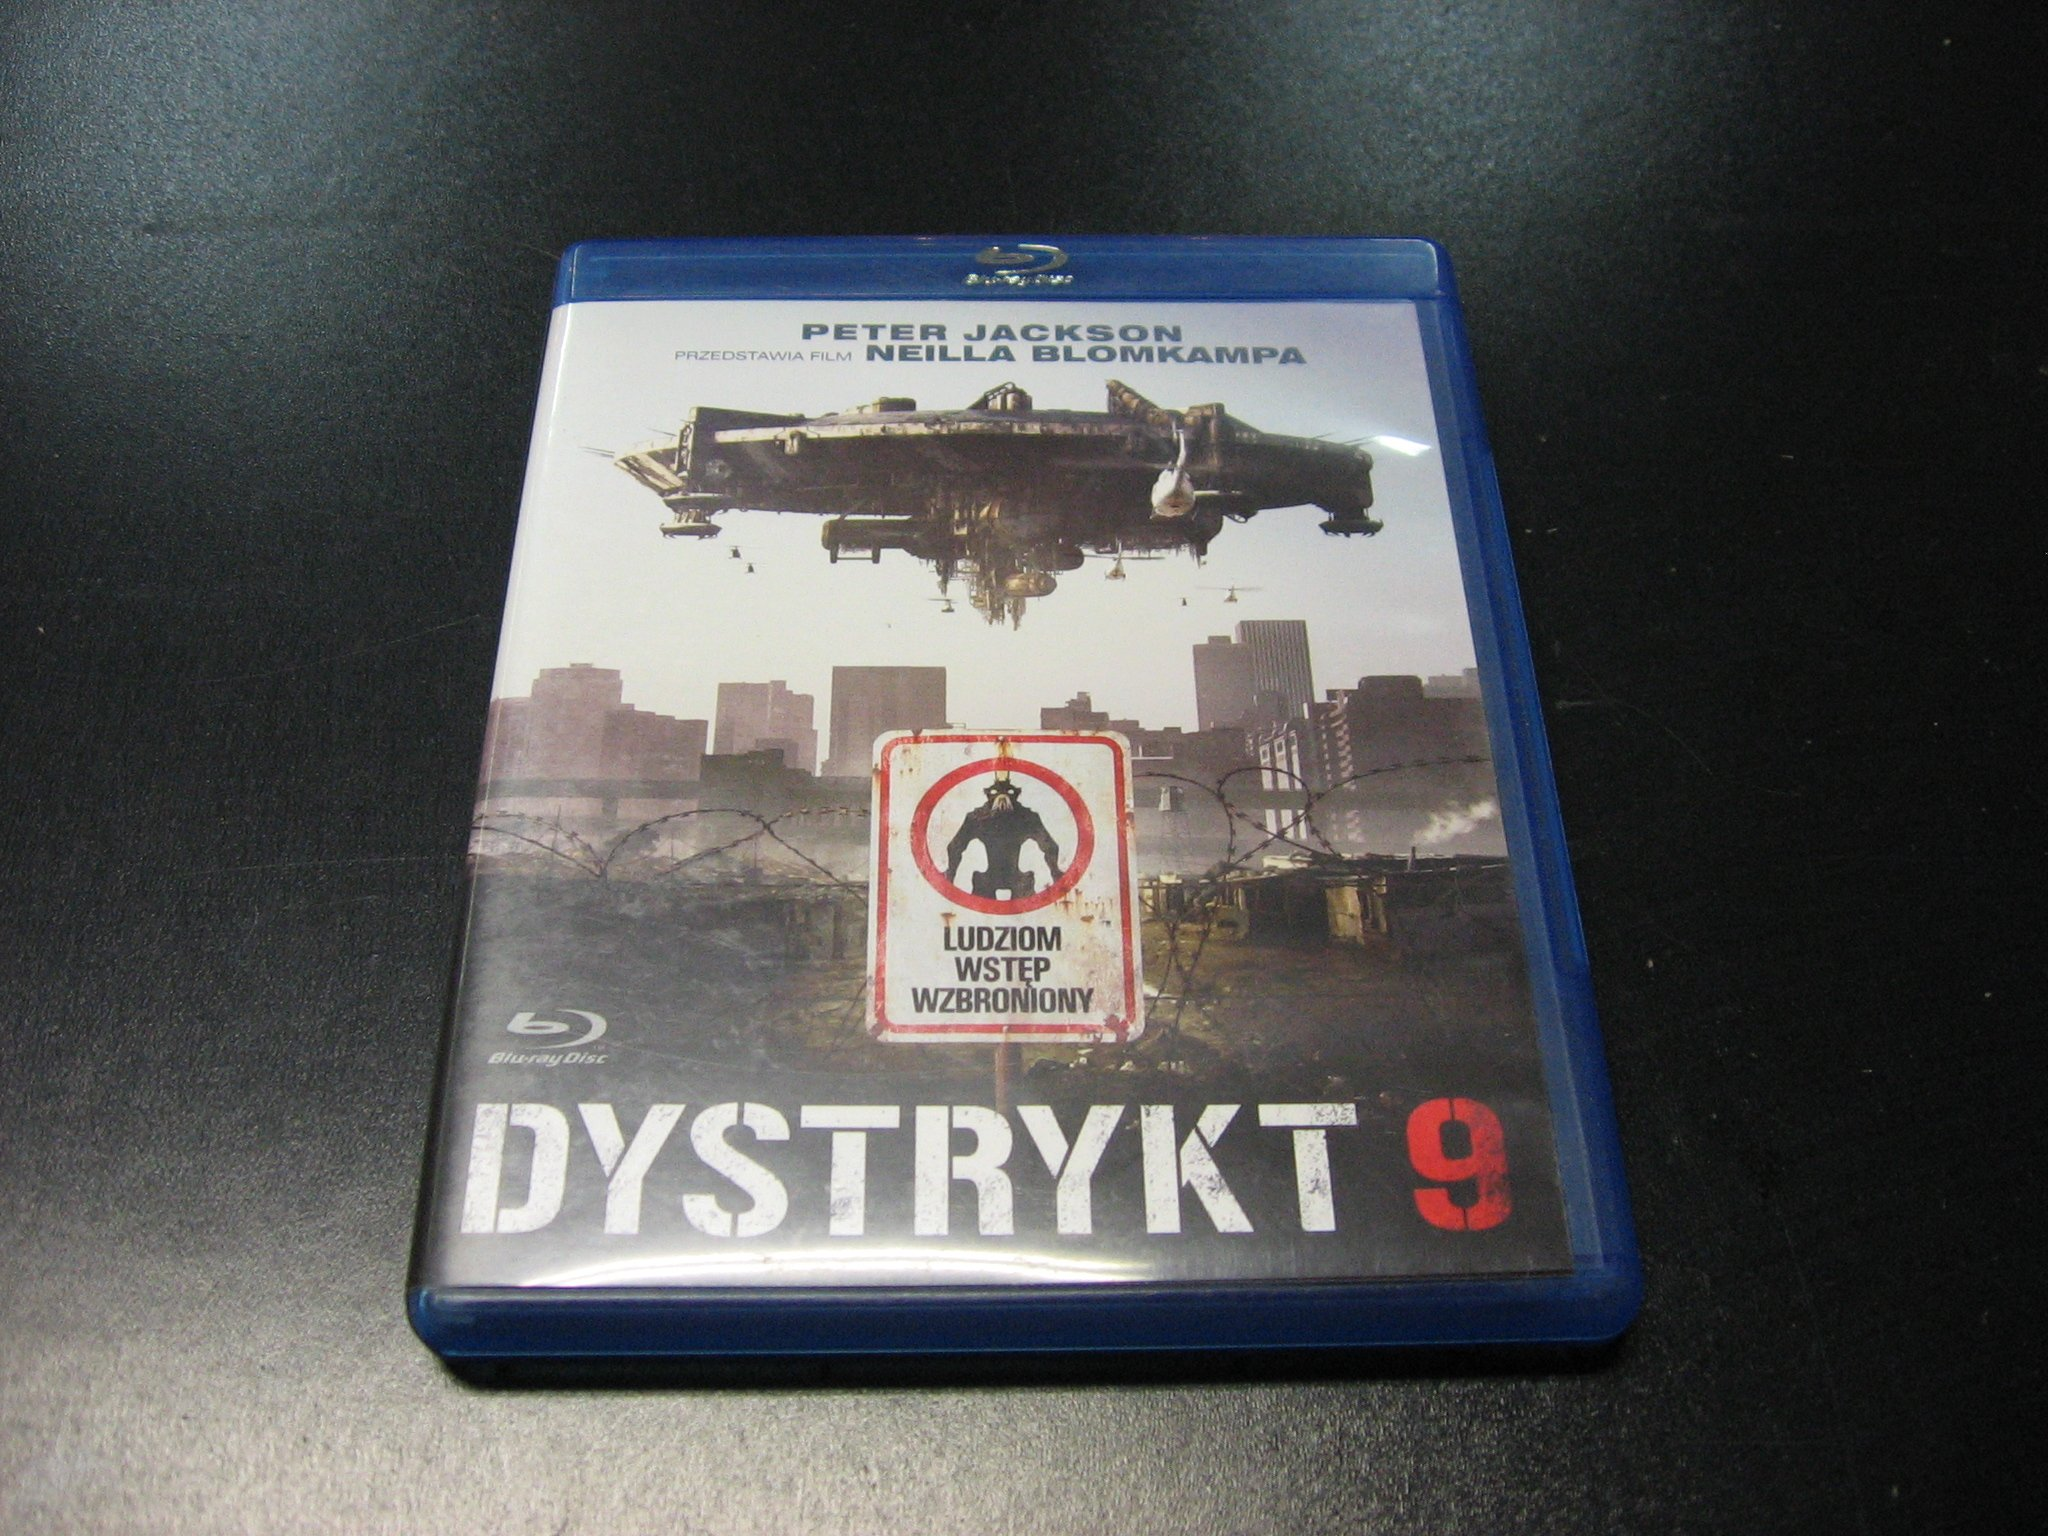 DYSTRYKT 9 057 `````````` Blu-rey ```````````` Opole